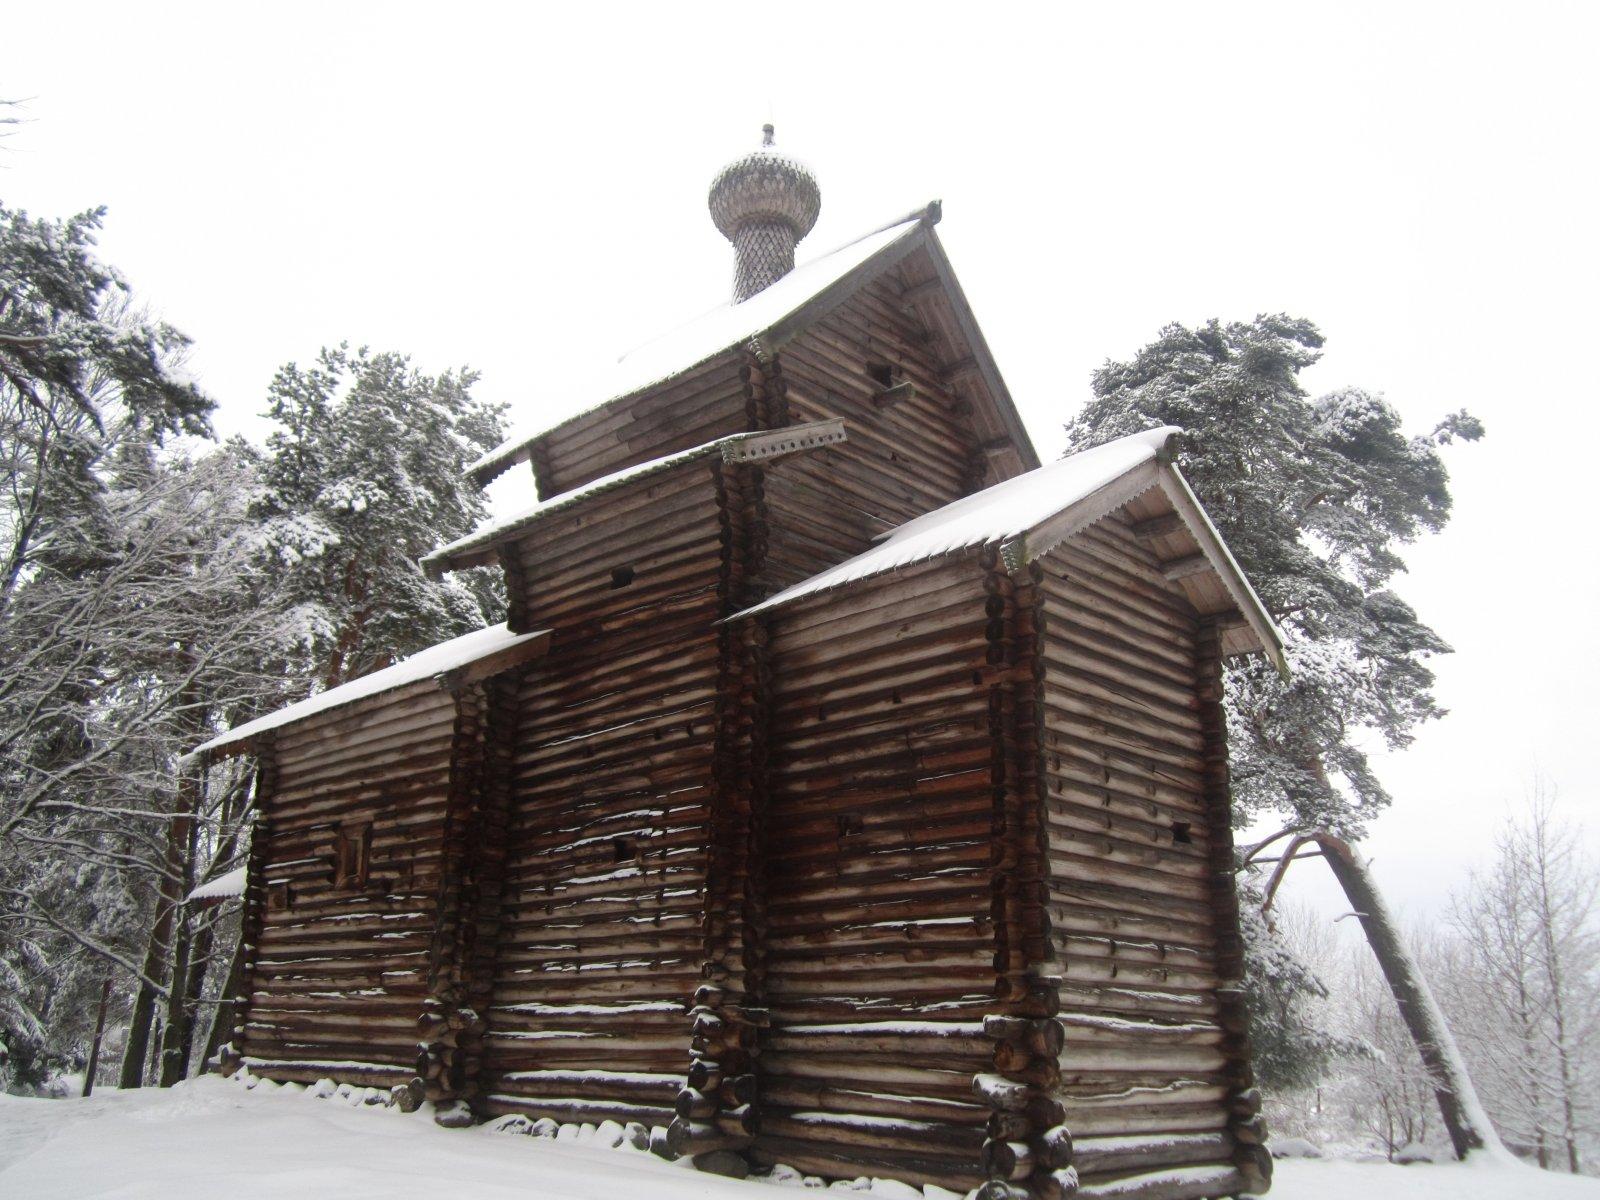 Экскурсия в музей «Витославлицы» и Юрьев монастырь